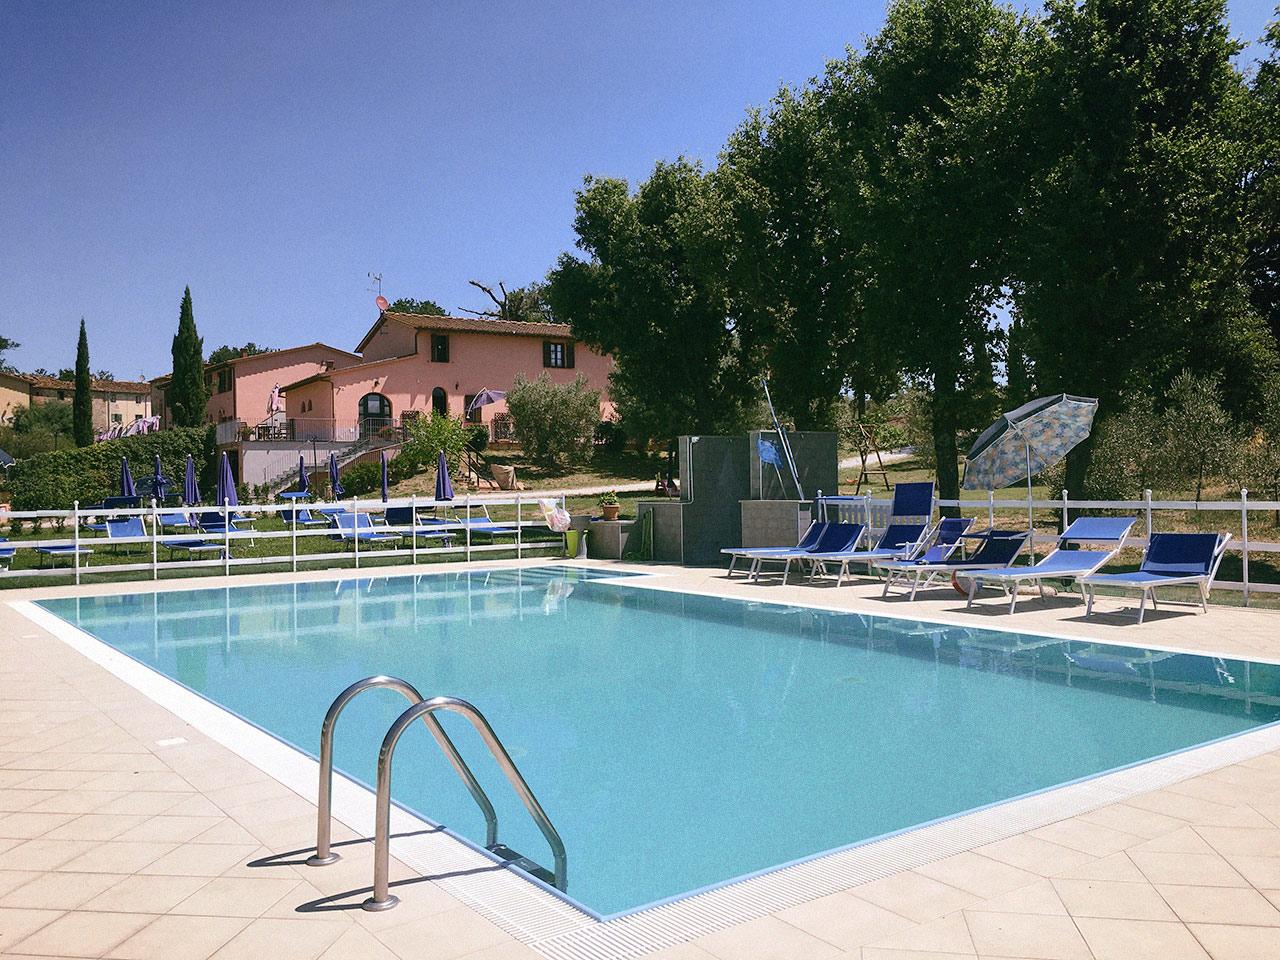 Corte tommasi appartamenti vacanze con piscina in toscana - Piscine in toscana ...